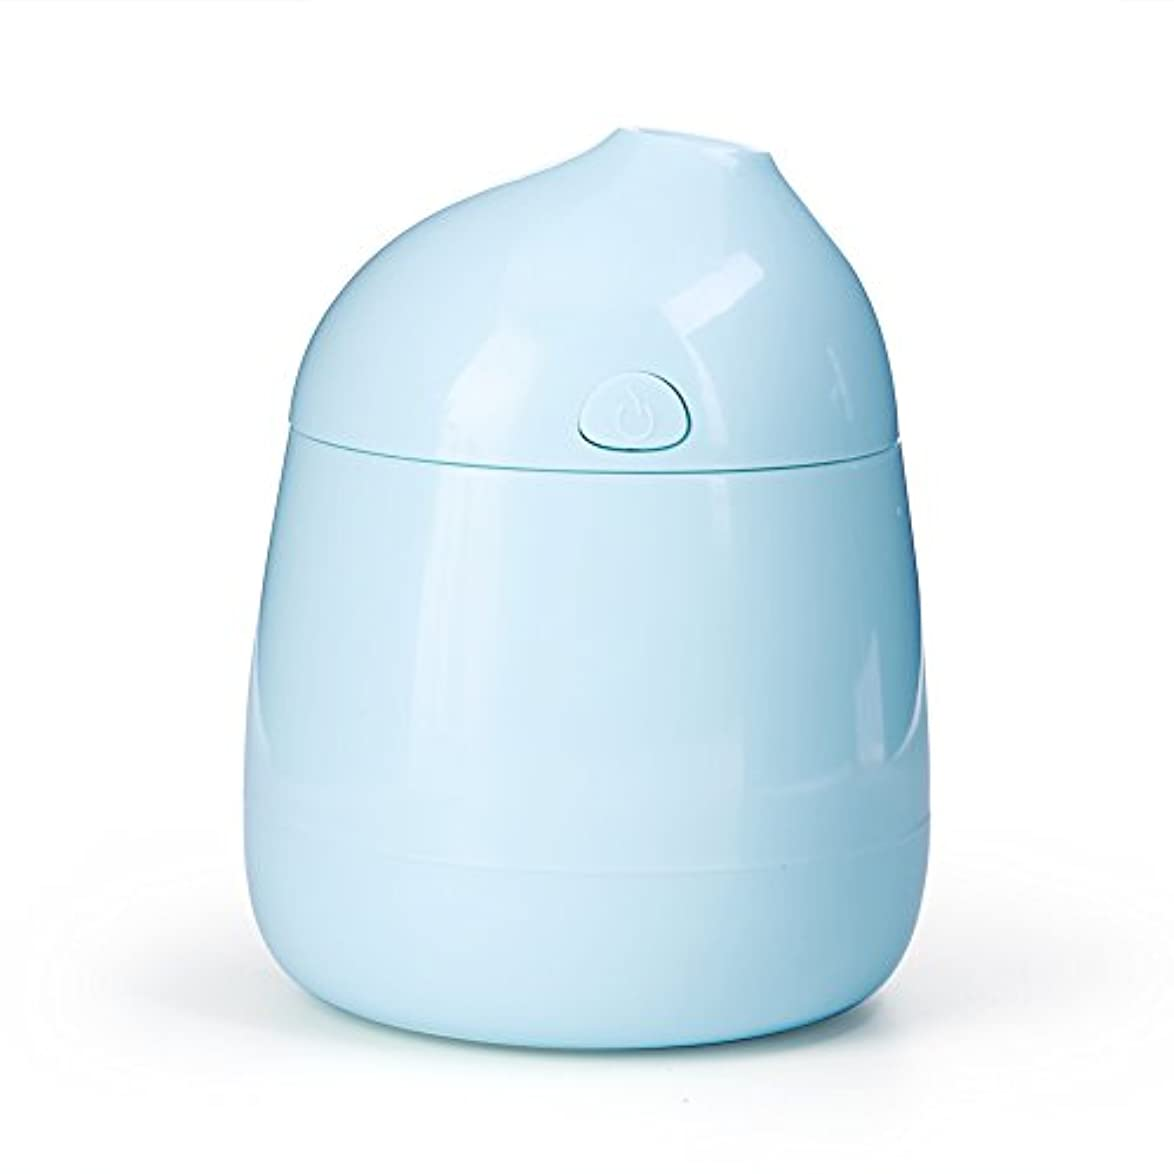 有用成果レジusb加湿器、ポータブルミニアロマ空気加湿器空気ディフューザー清浄器アトマイザー車のオフィス空気リフレッシャー(青)